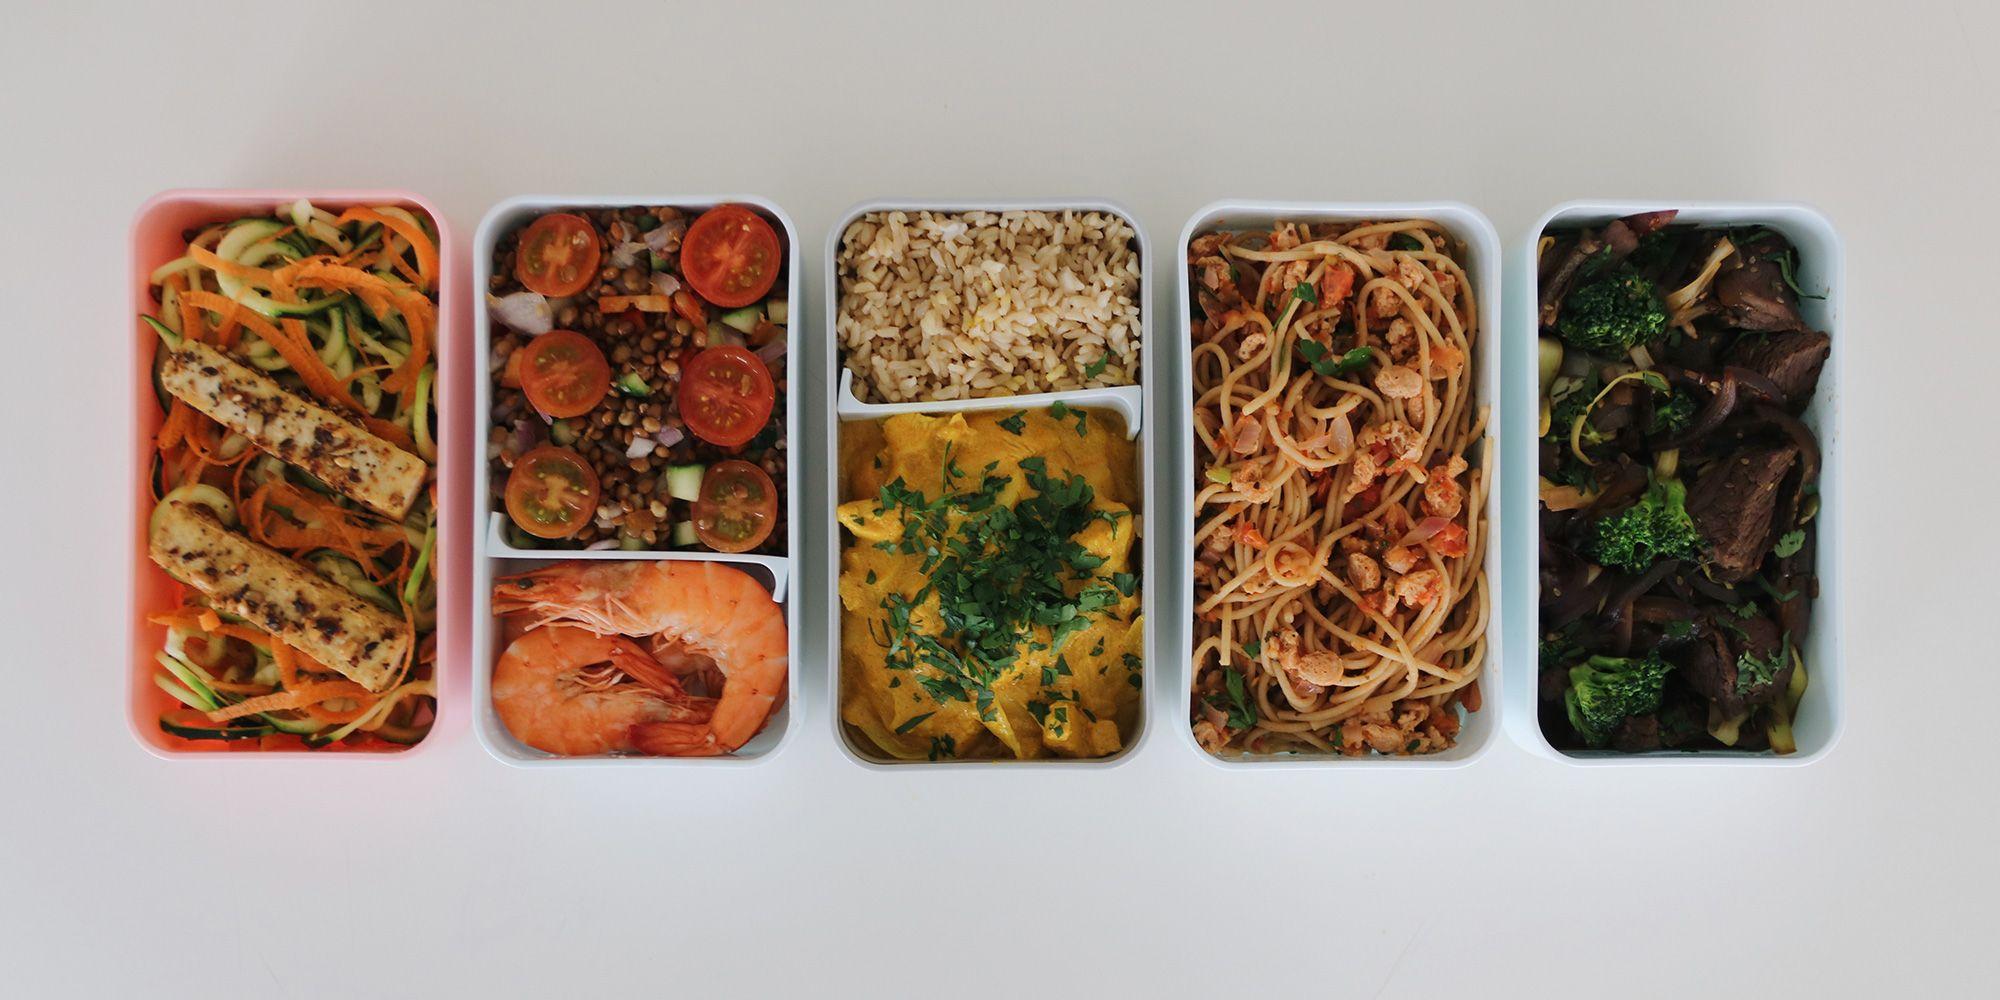 comida para llevar al trabajo dieta